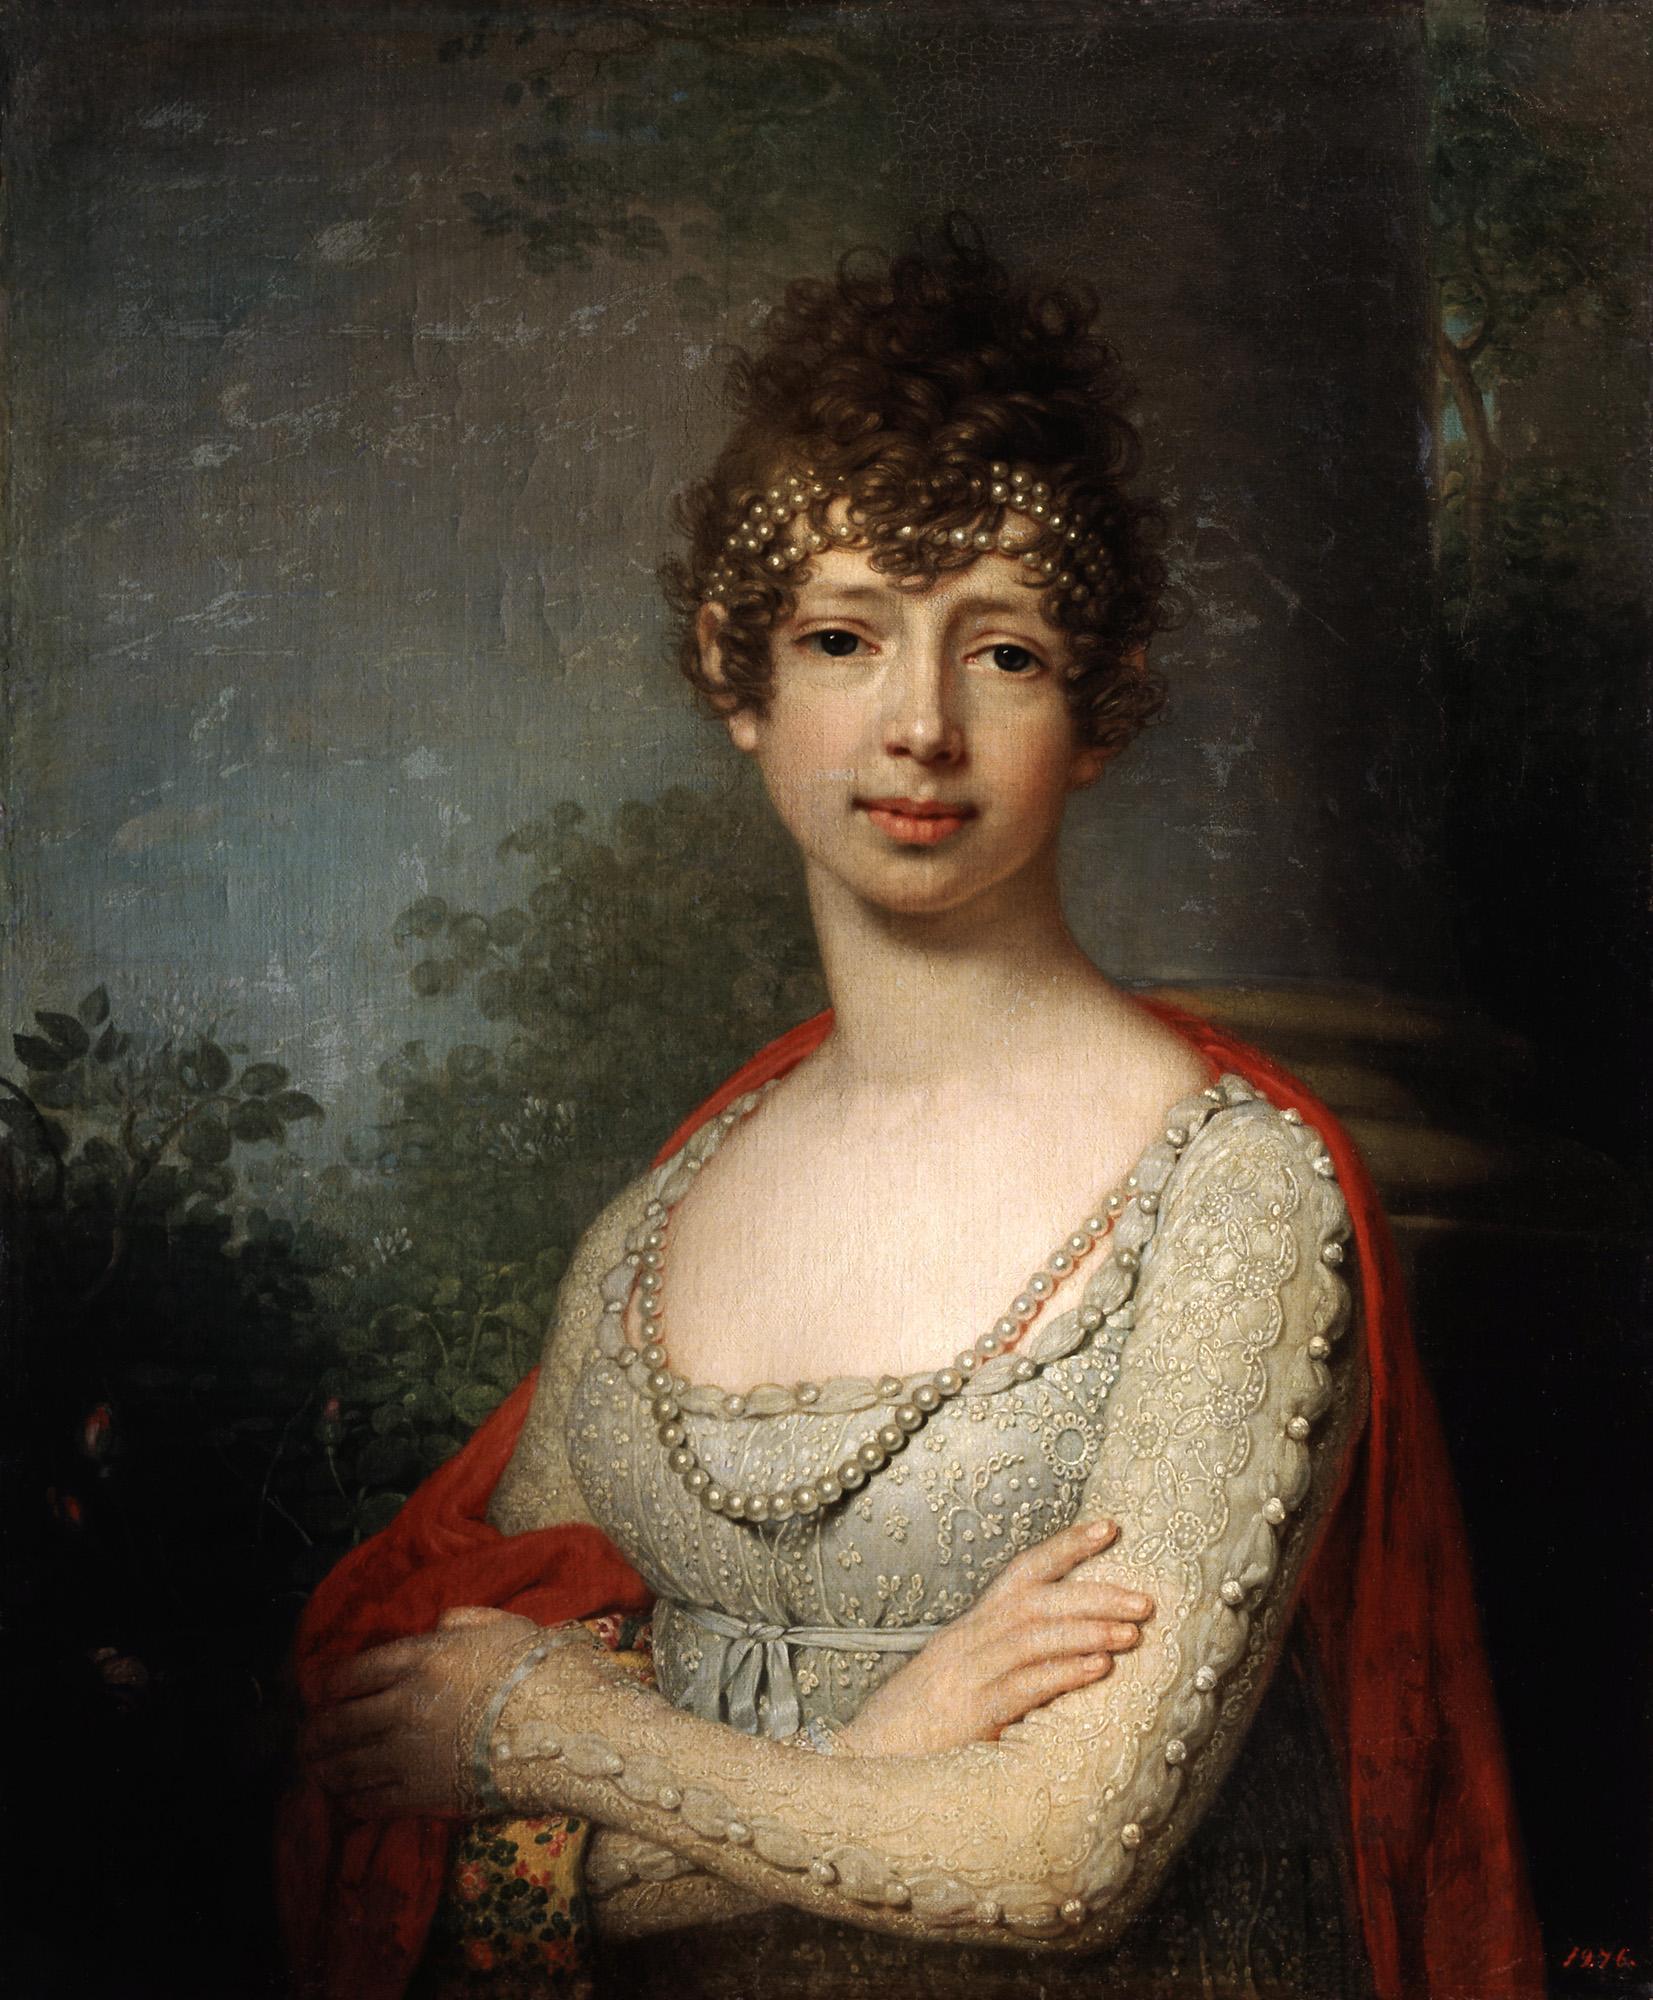 Portrait of grand duchess maria pavlovna